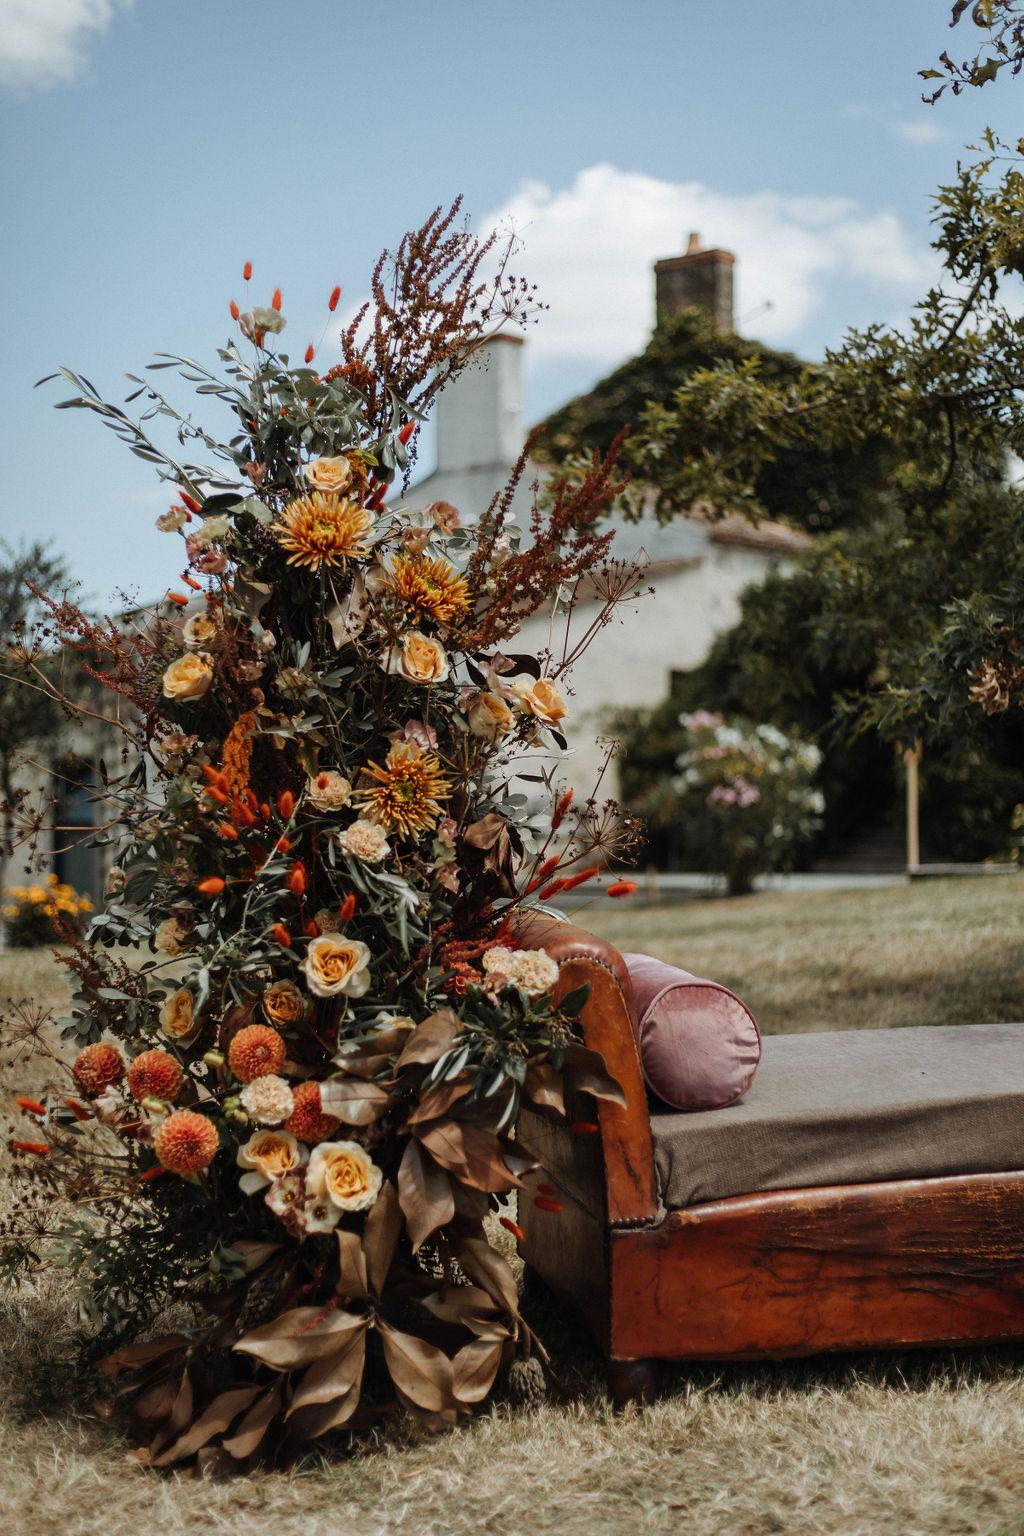 ceremonie laique arche fleurie vendee coresponsable